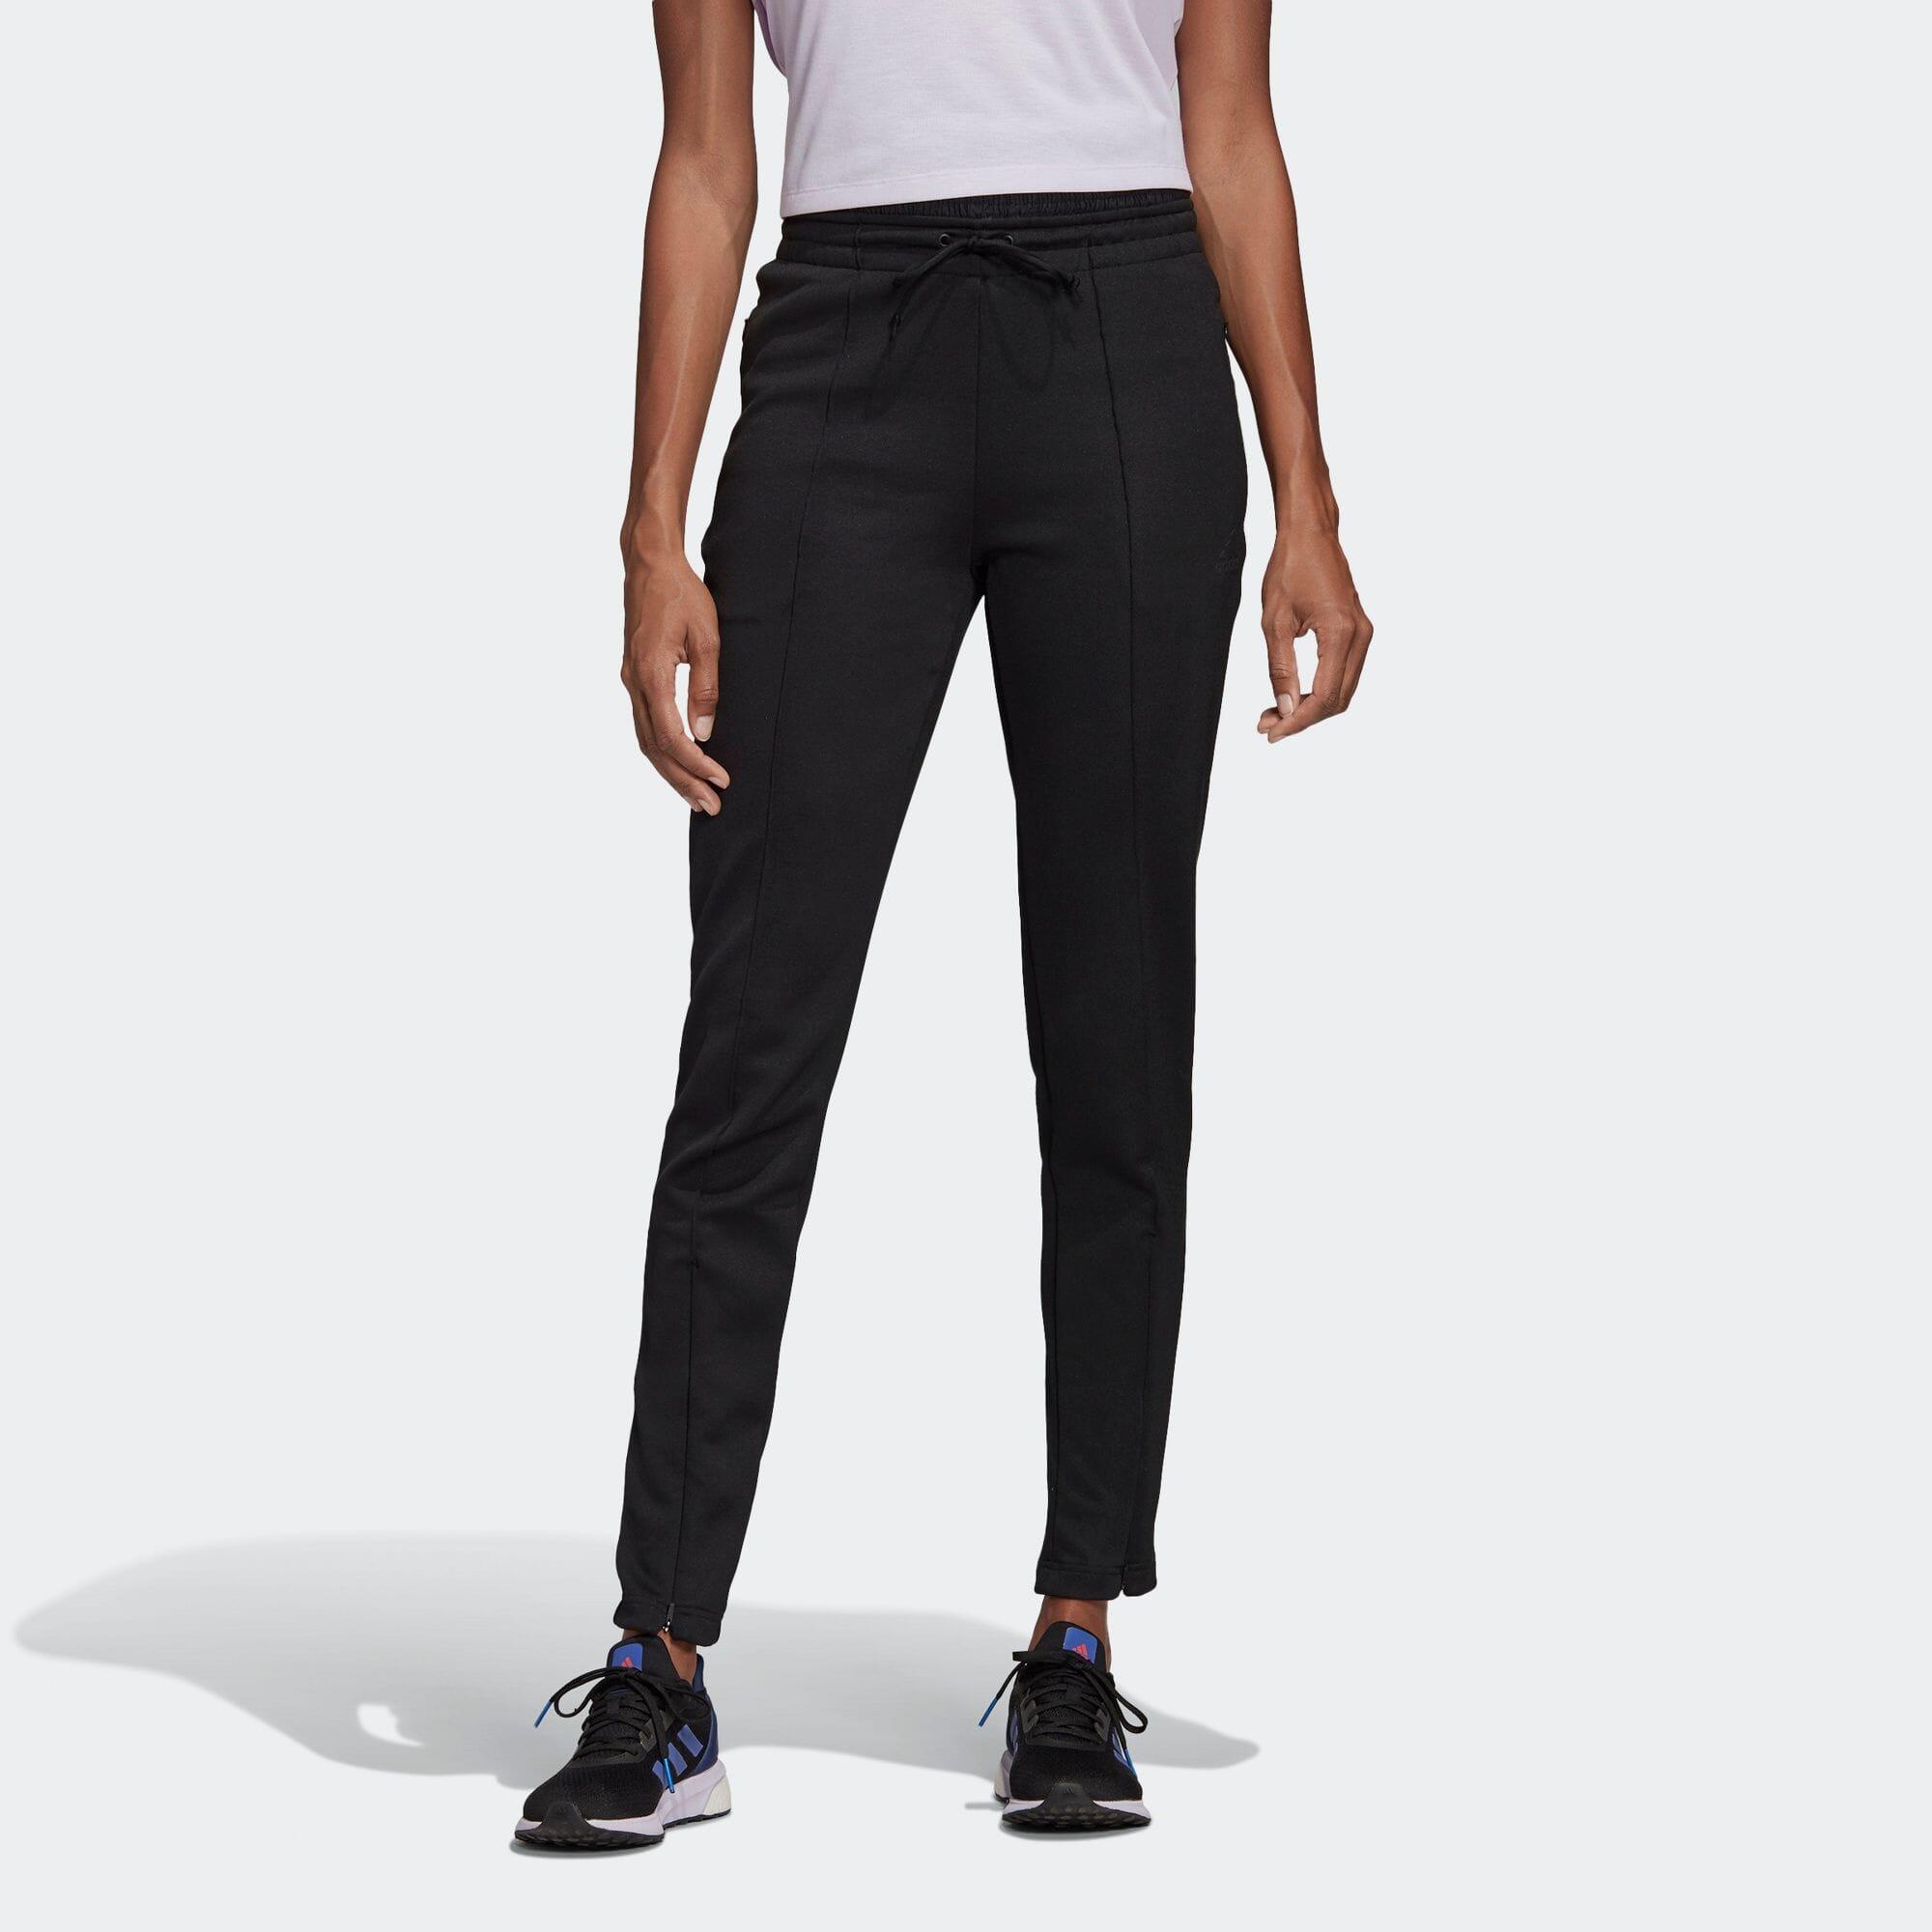 ハイウエスト スリム パンツ / High-Waisted Slim Pants